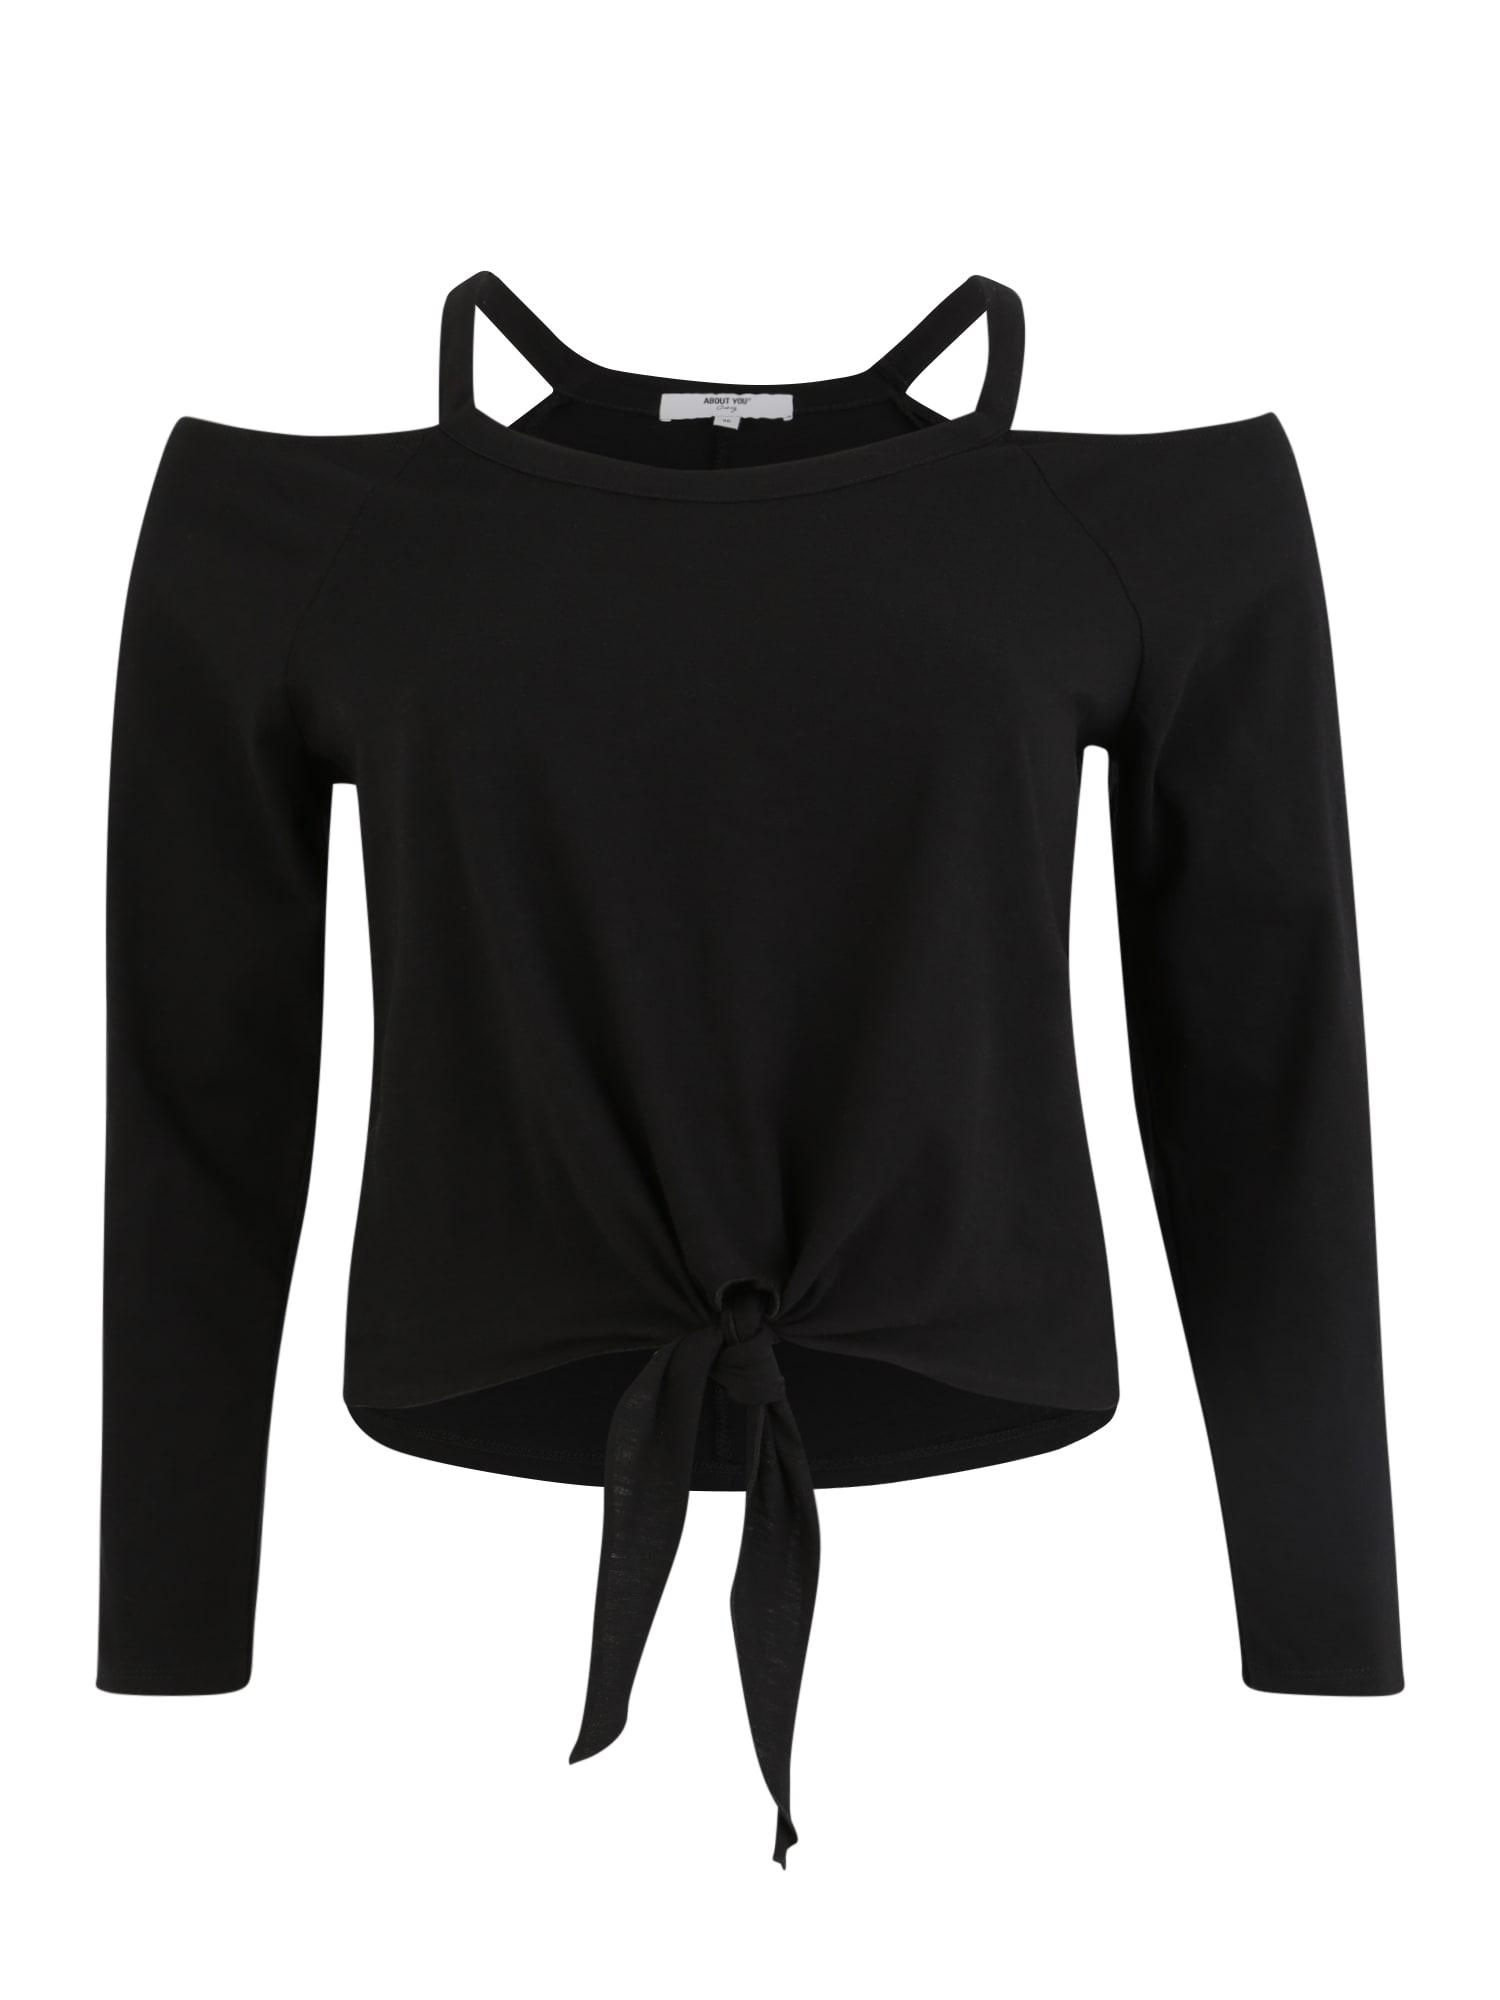 ABOUT YOU Curvy Marškinėliai 'Asya' juoda